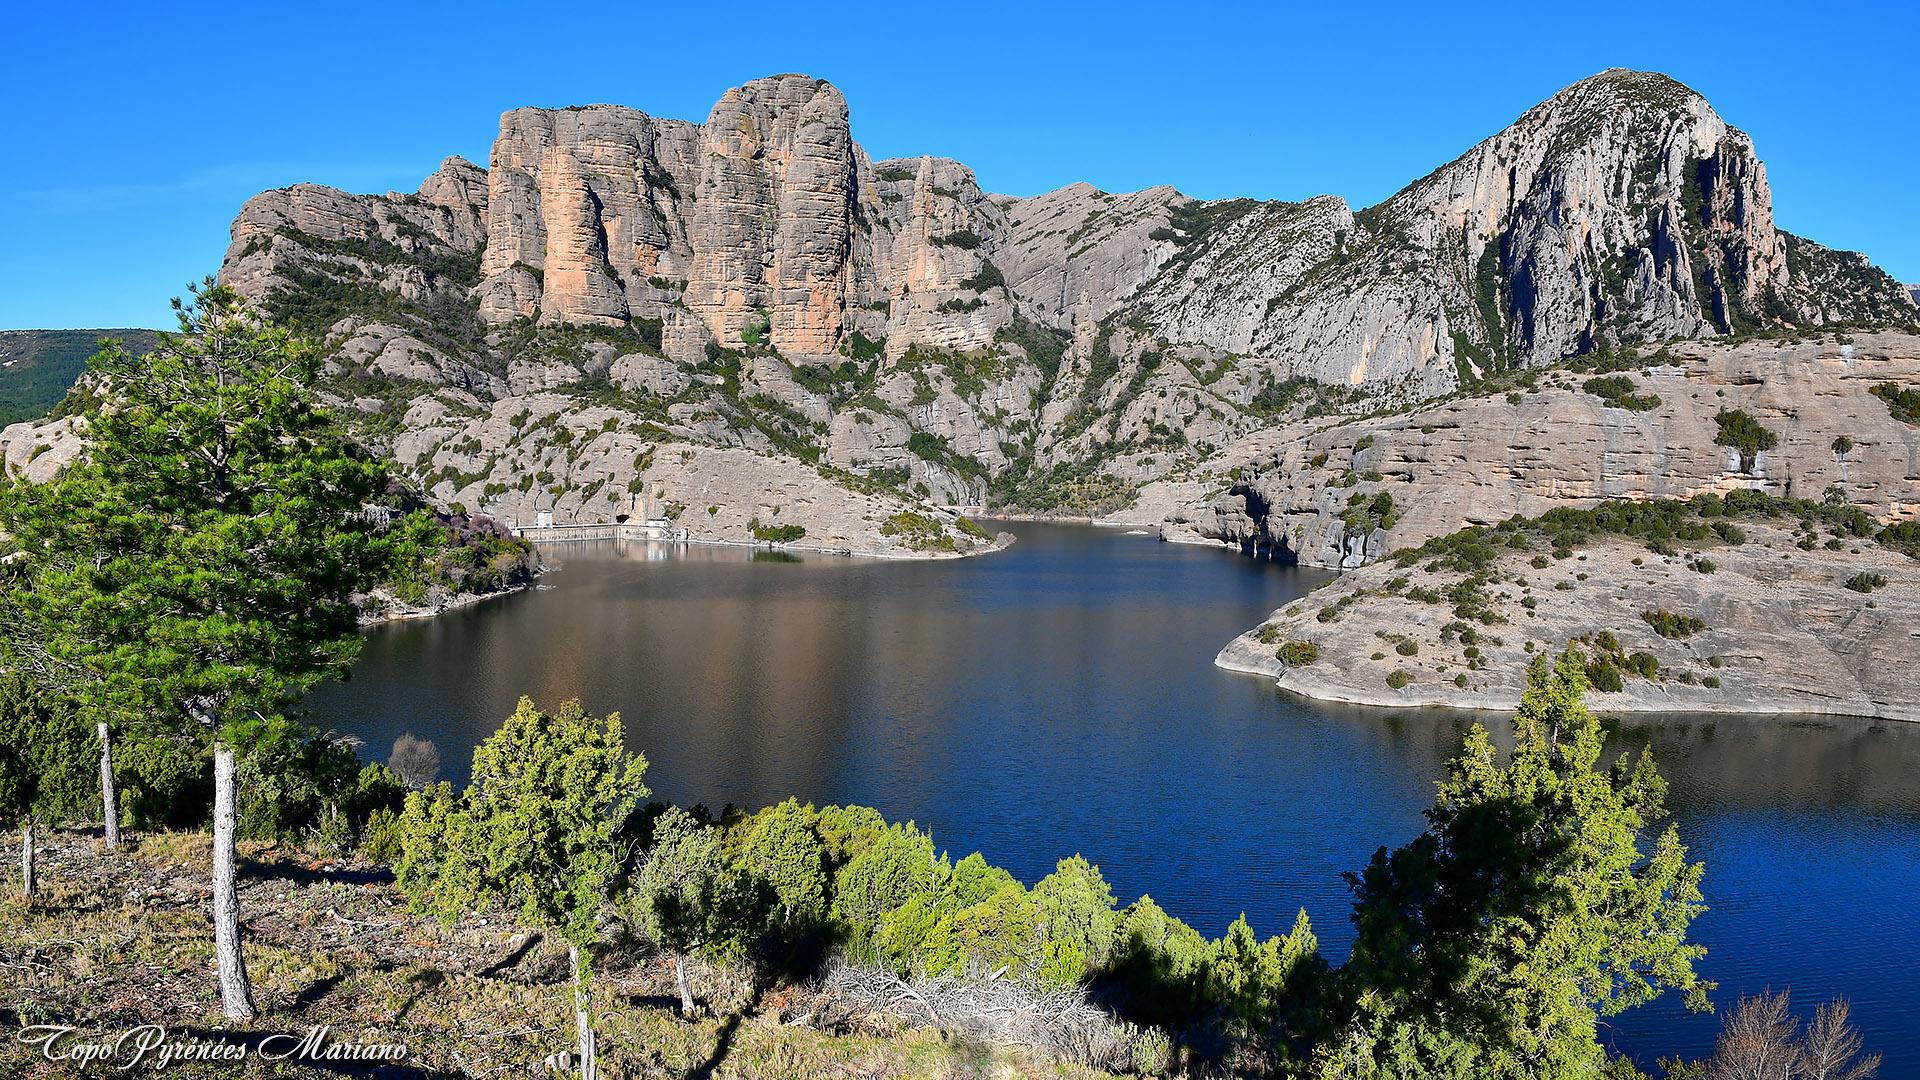 Vidéo photos du barrage de Vadiello y los Mallos de Ligüerri